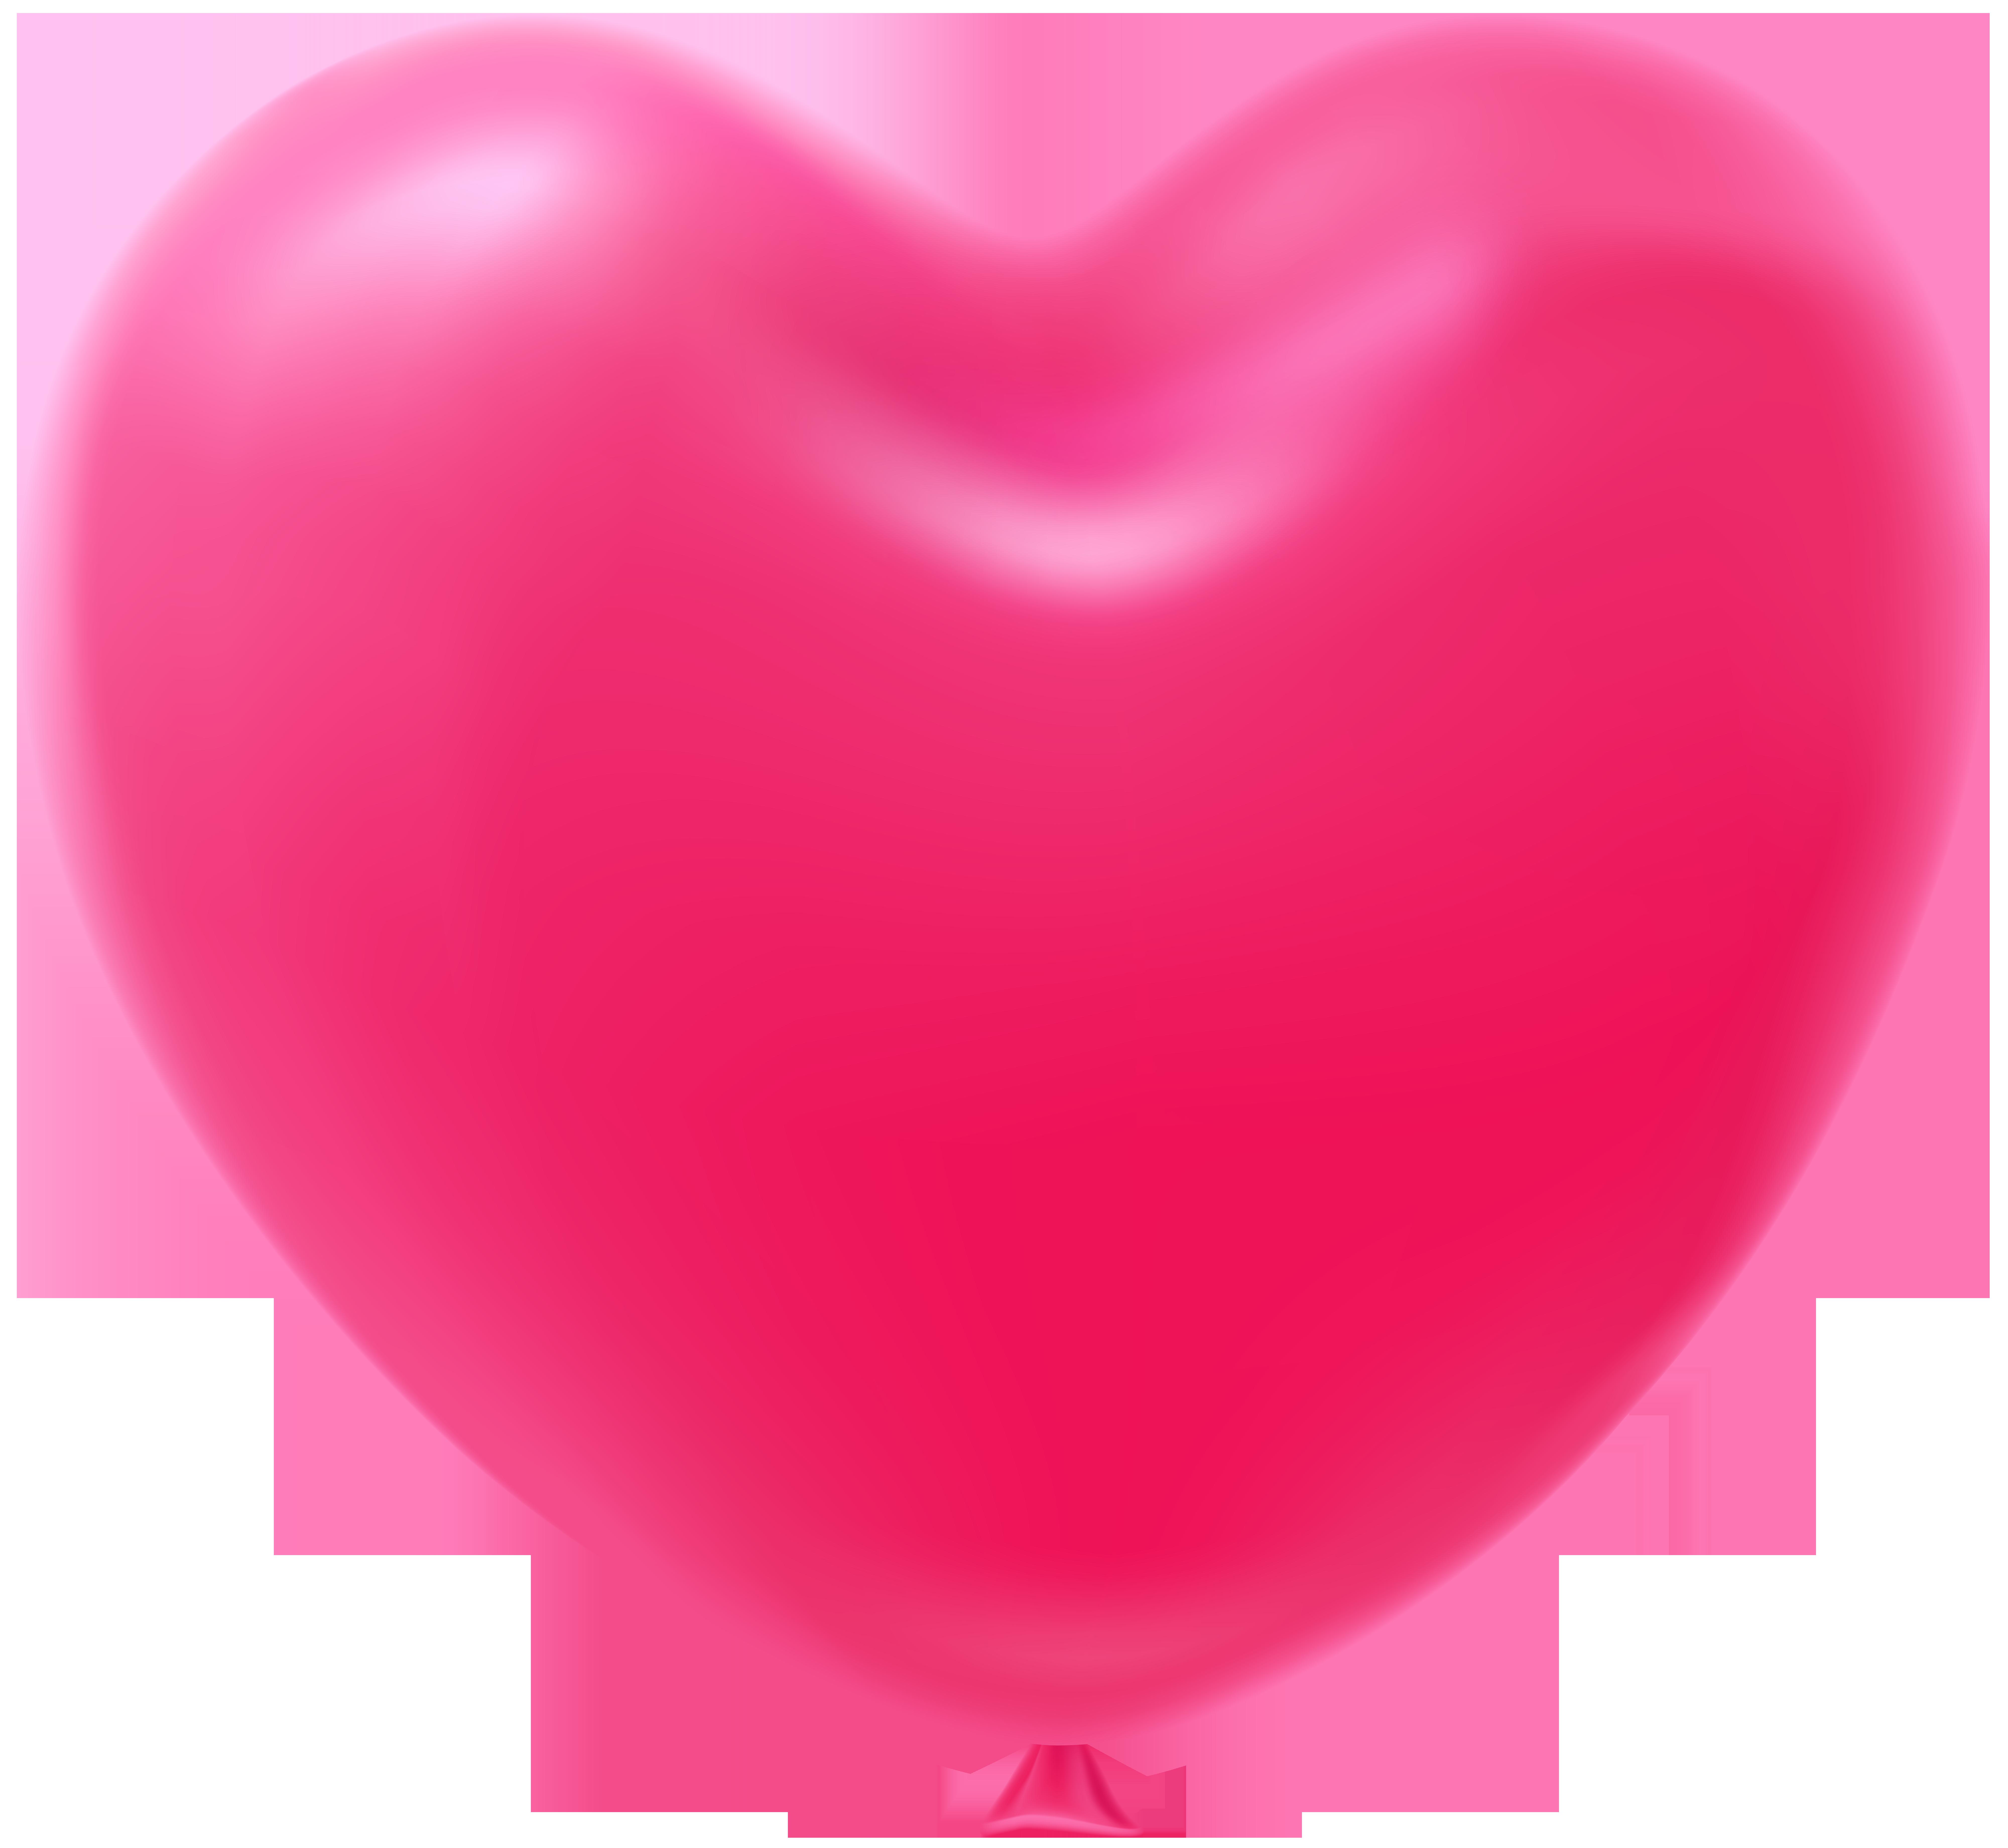 Clipart balloon shape. Heart pink transparent clip